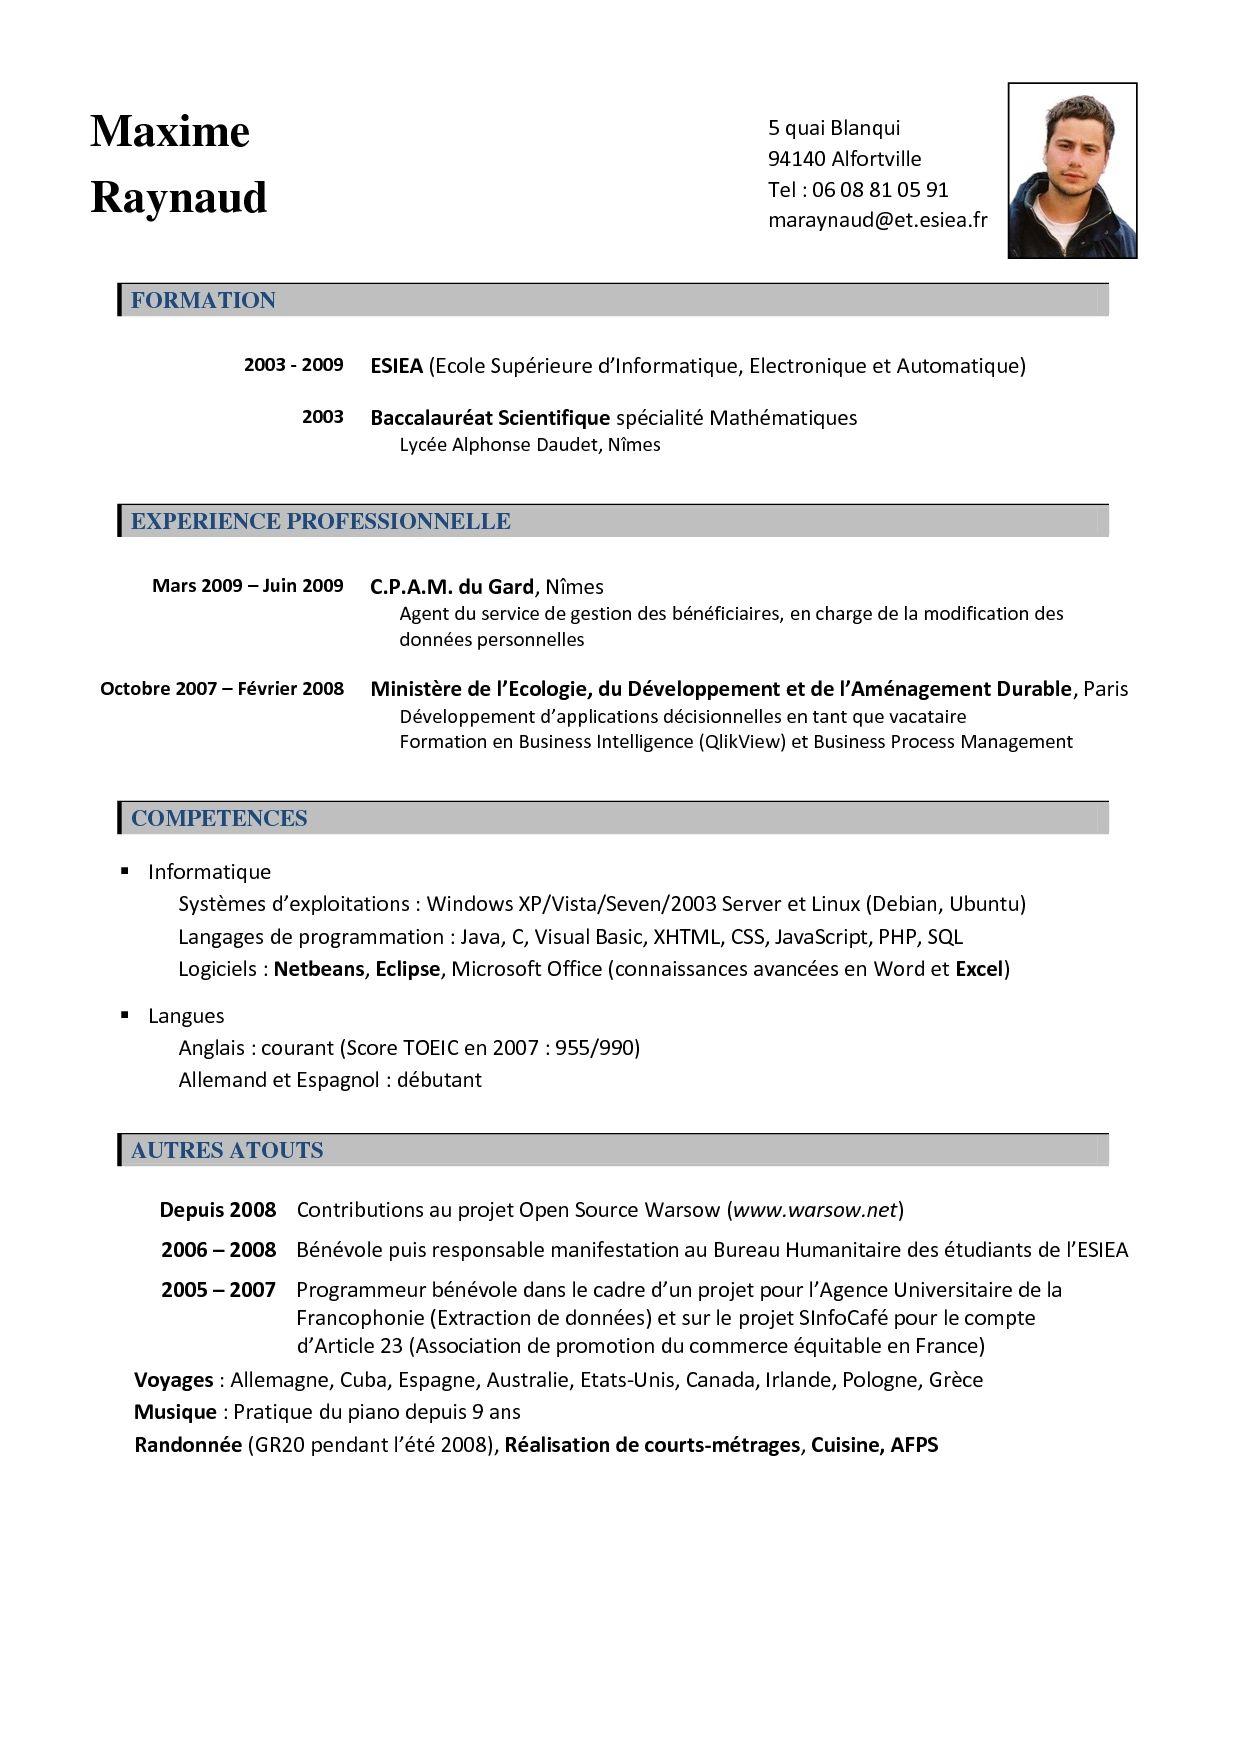 francais curriculum vitae template ossaba com cv francais